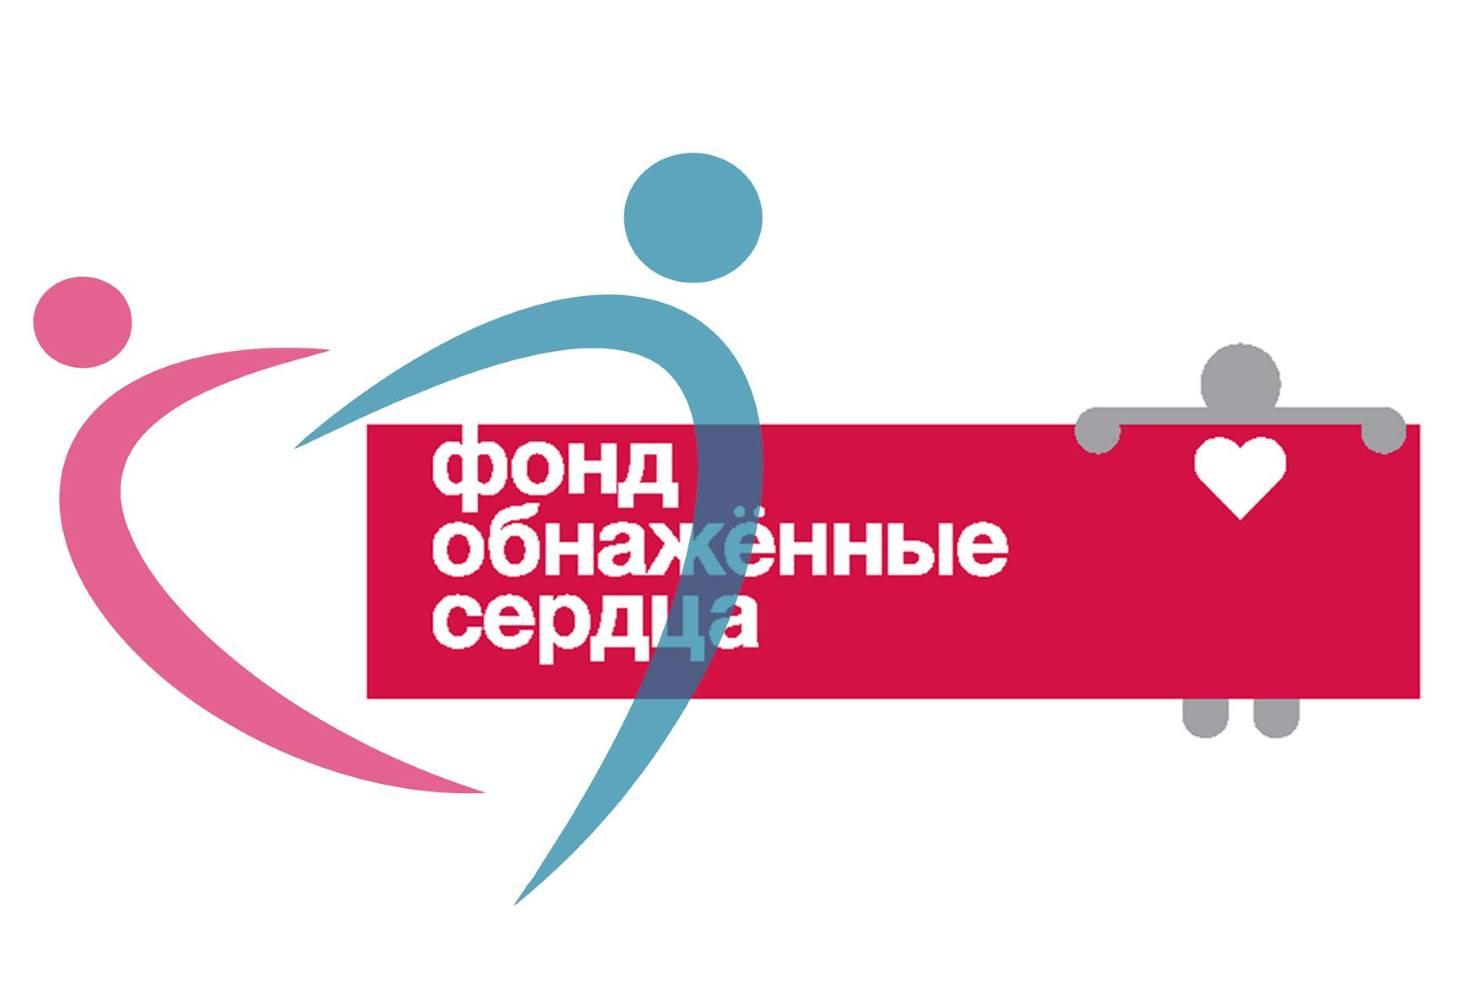 v-rossii-poyavilas-onlajn-platforma-dlya-pedagogov-i-roditelej-po-vospitaniyu-detej-s-narusheniyami-v-razvitii